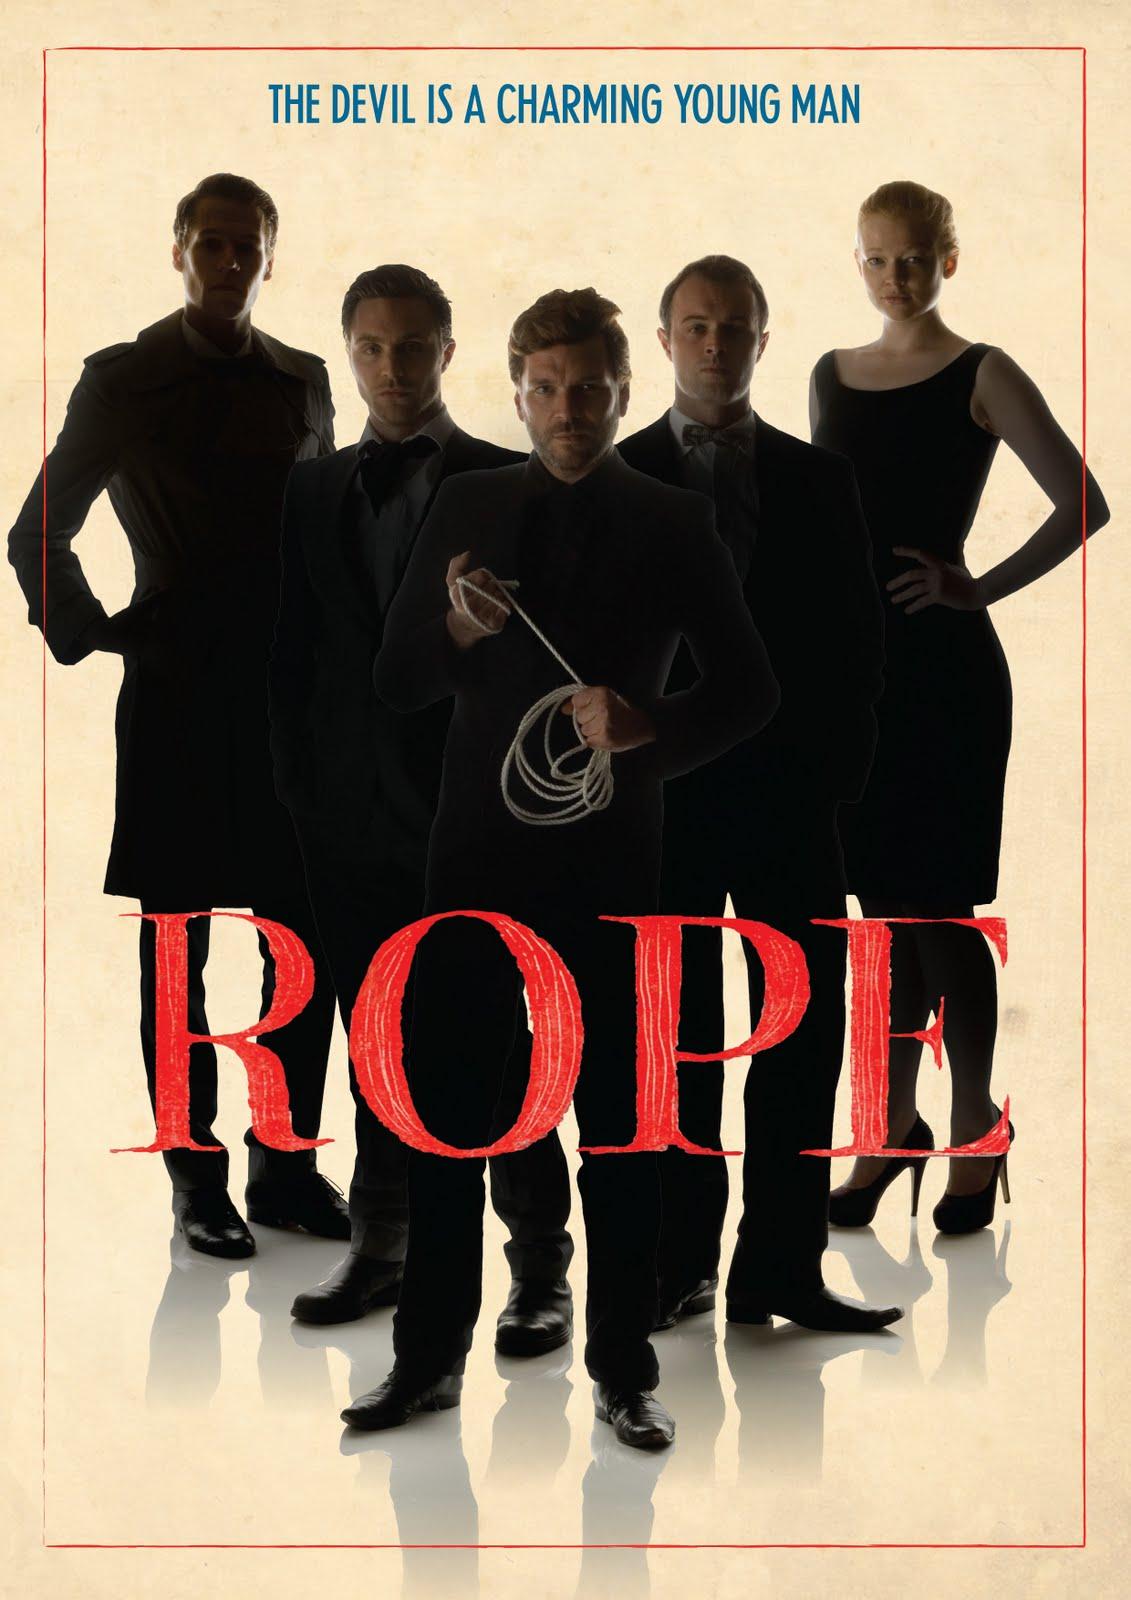 http://3.bp.blogspot.com/-xPQv17LjACk/TfbERqU8JQI/AAAAAAAAAGk/URJWFmSPCSc/s1600/Rope-image-for-TRS-web.jpg